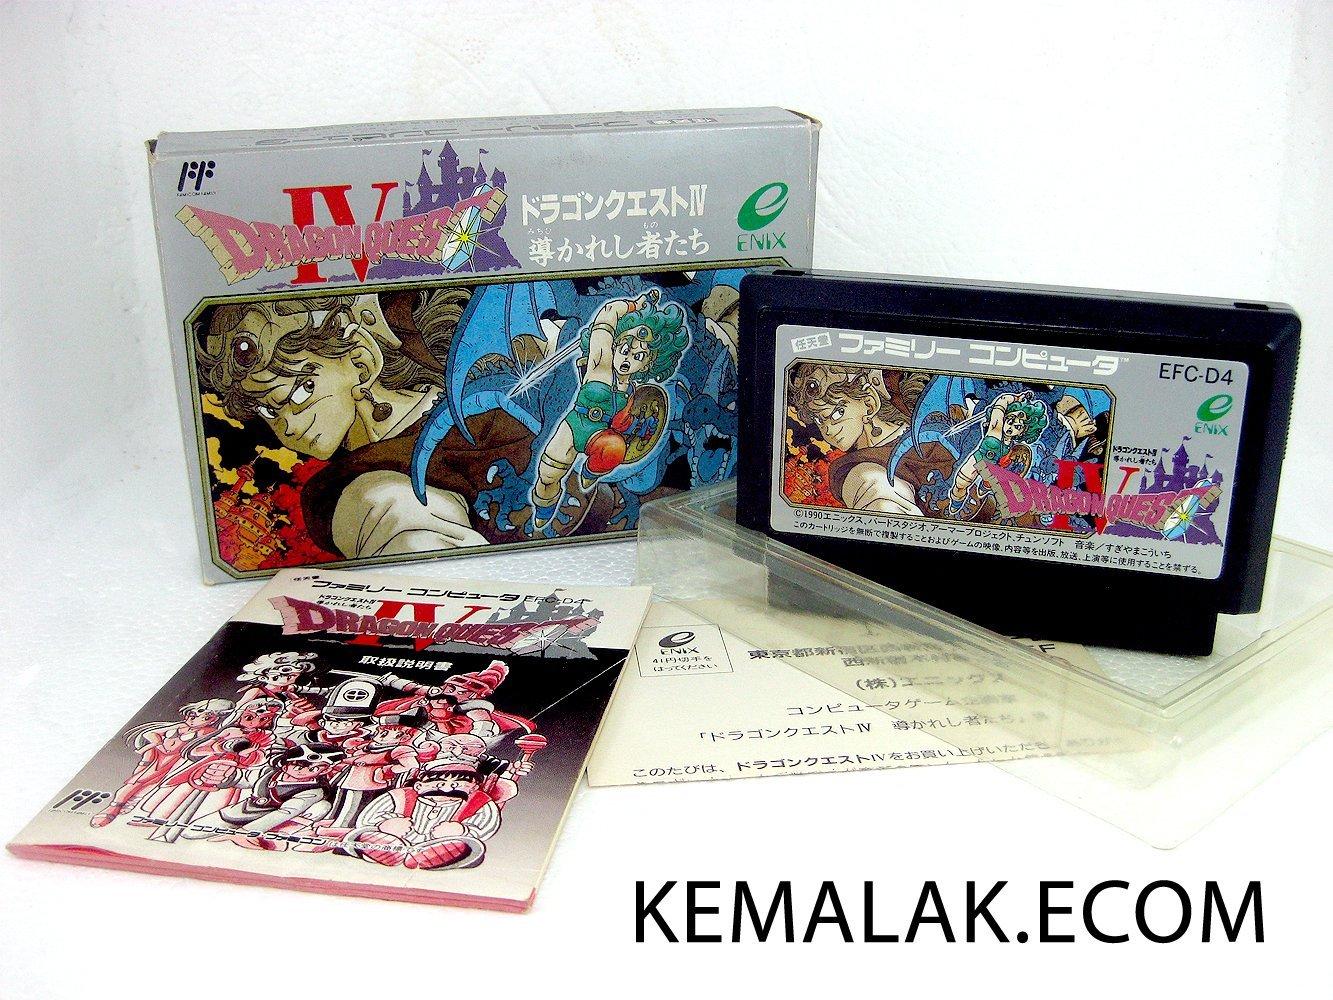 ファミコン, ソフト  FC 4IV 4 Nintendo 4988601002394